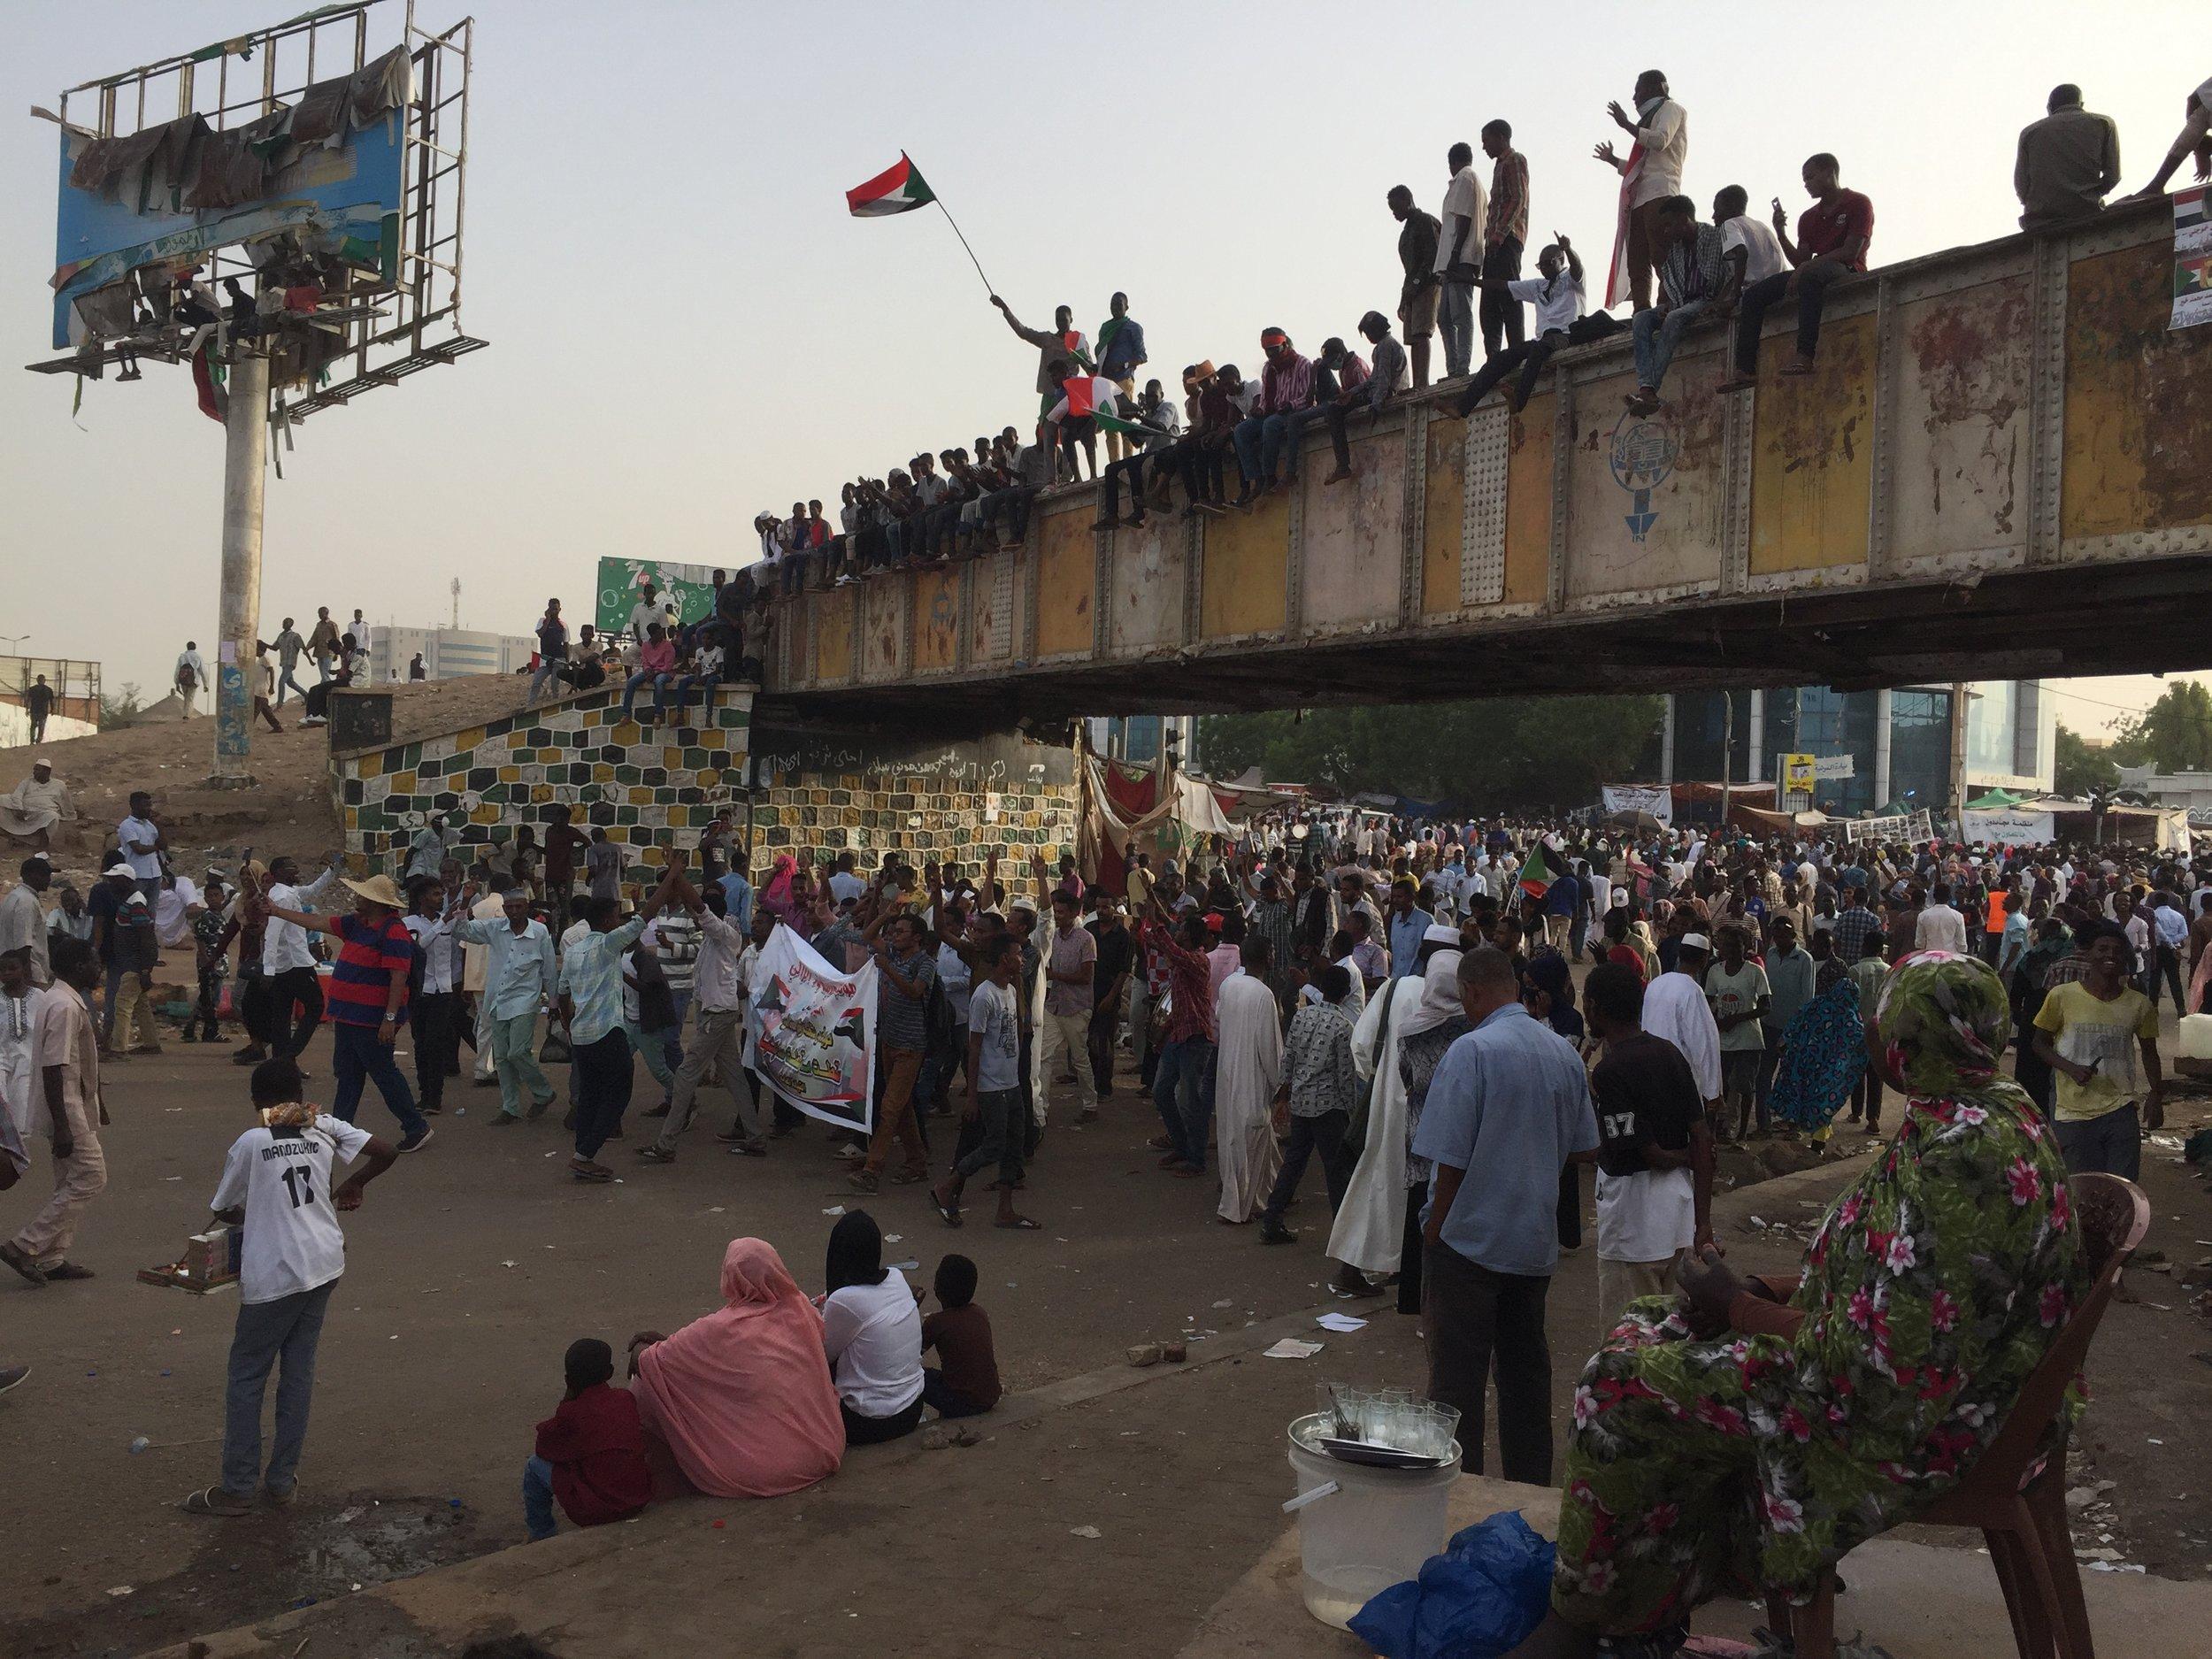 manifestants sur le sit in de khartoum.jpg